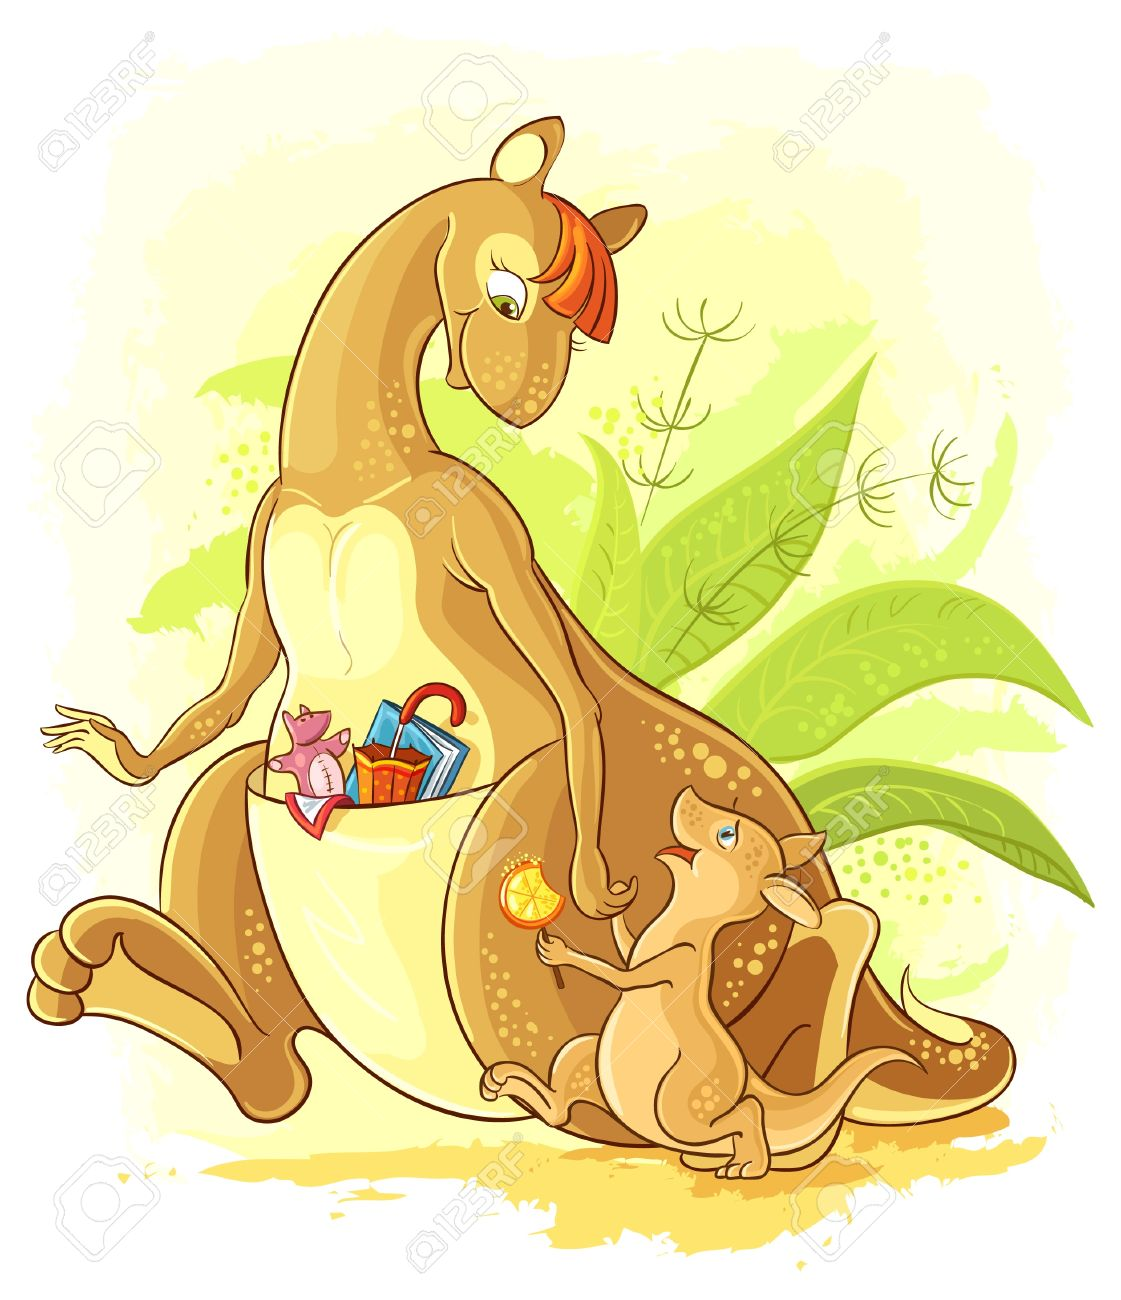 Cartoon Mother kangaroo with her baby walk hand in hand Stock Vector - 20387189